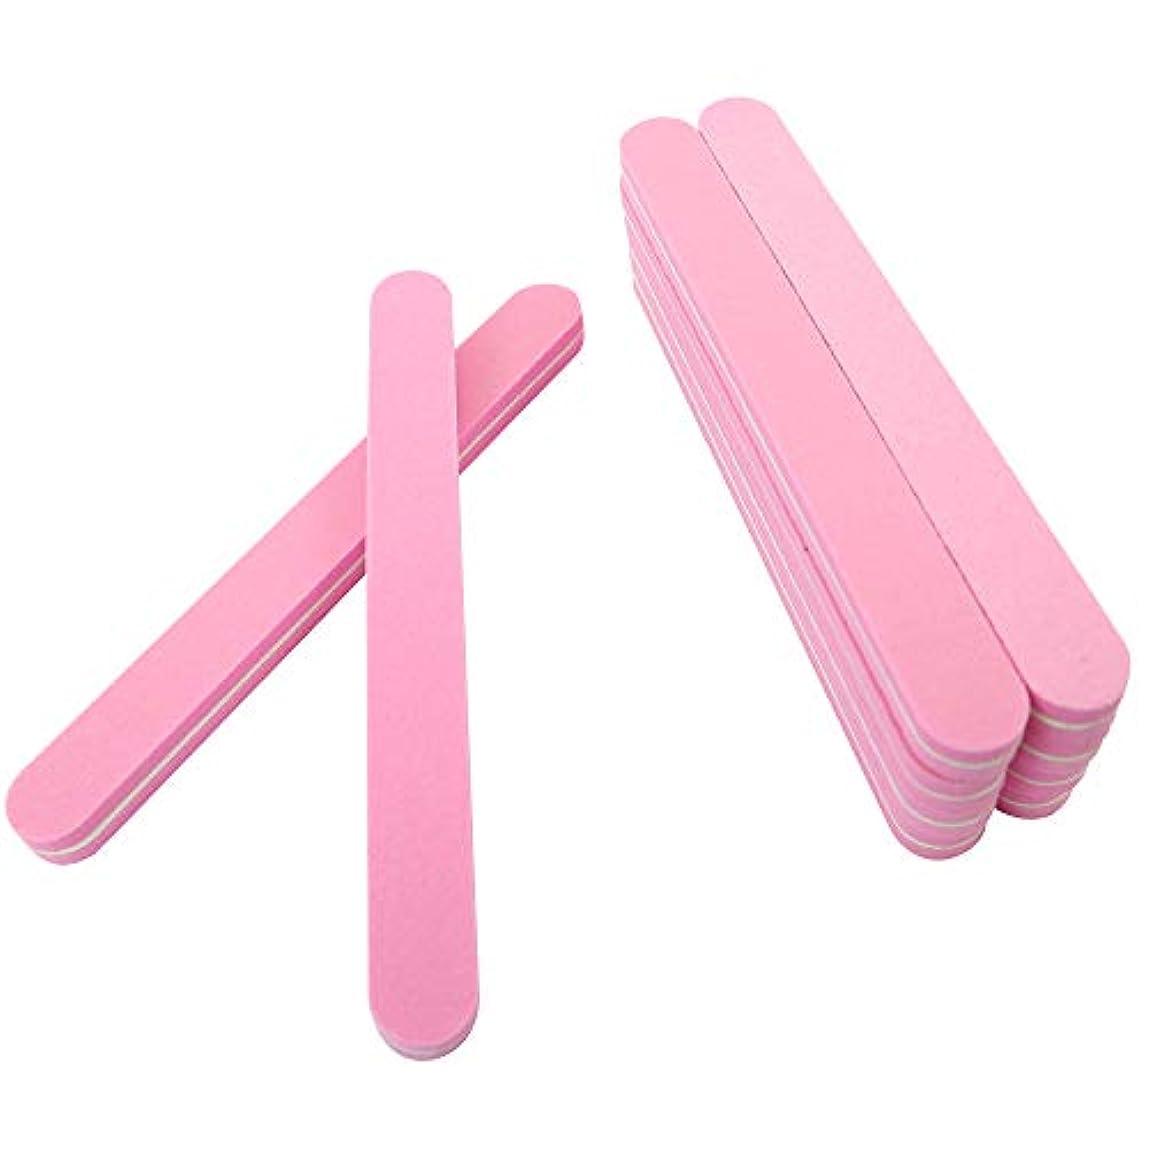 重力ツイン器用SIEG つめピカ 爪やすり 爪先美人をめざす2ステップ磨きのネイルシャイナー 10本セット